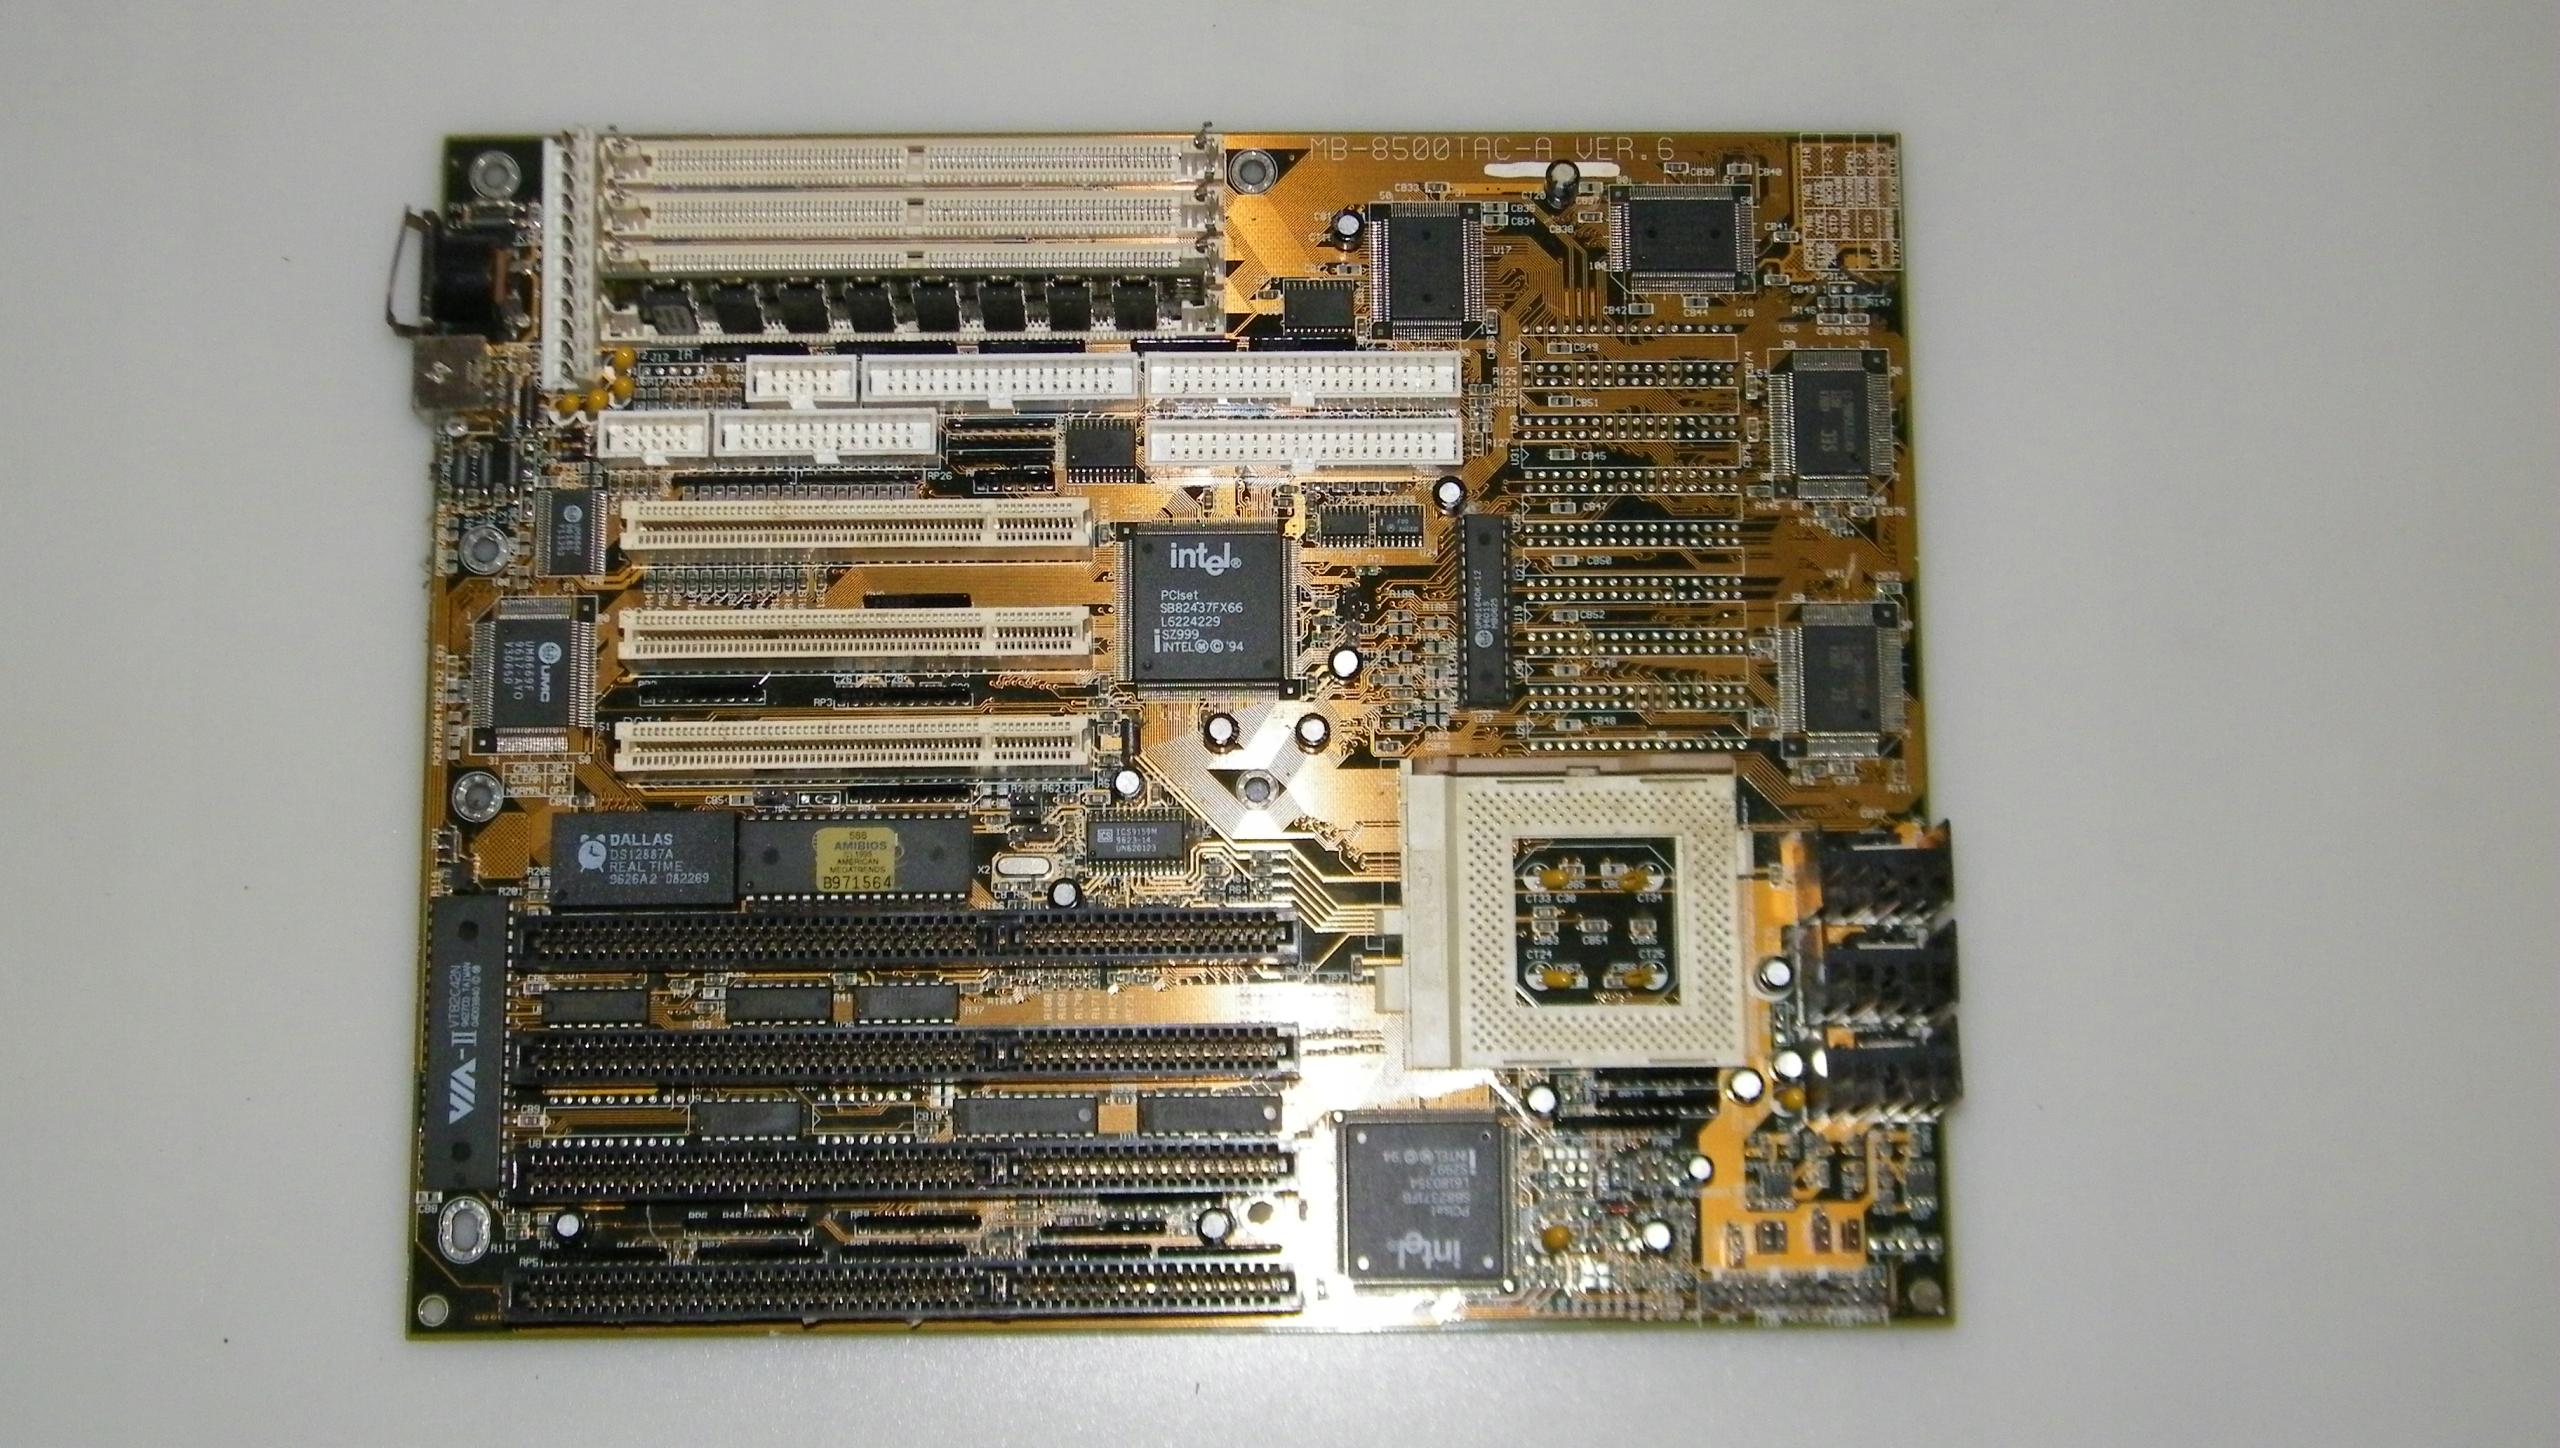 BIOSTAR MB 8500TAC 64BIT DRIVER